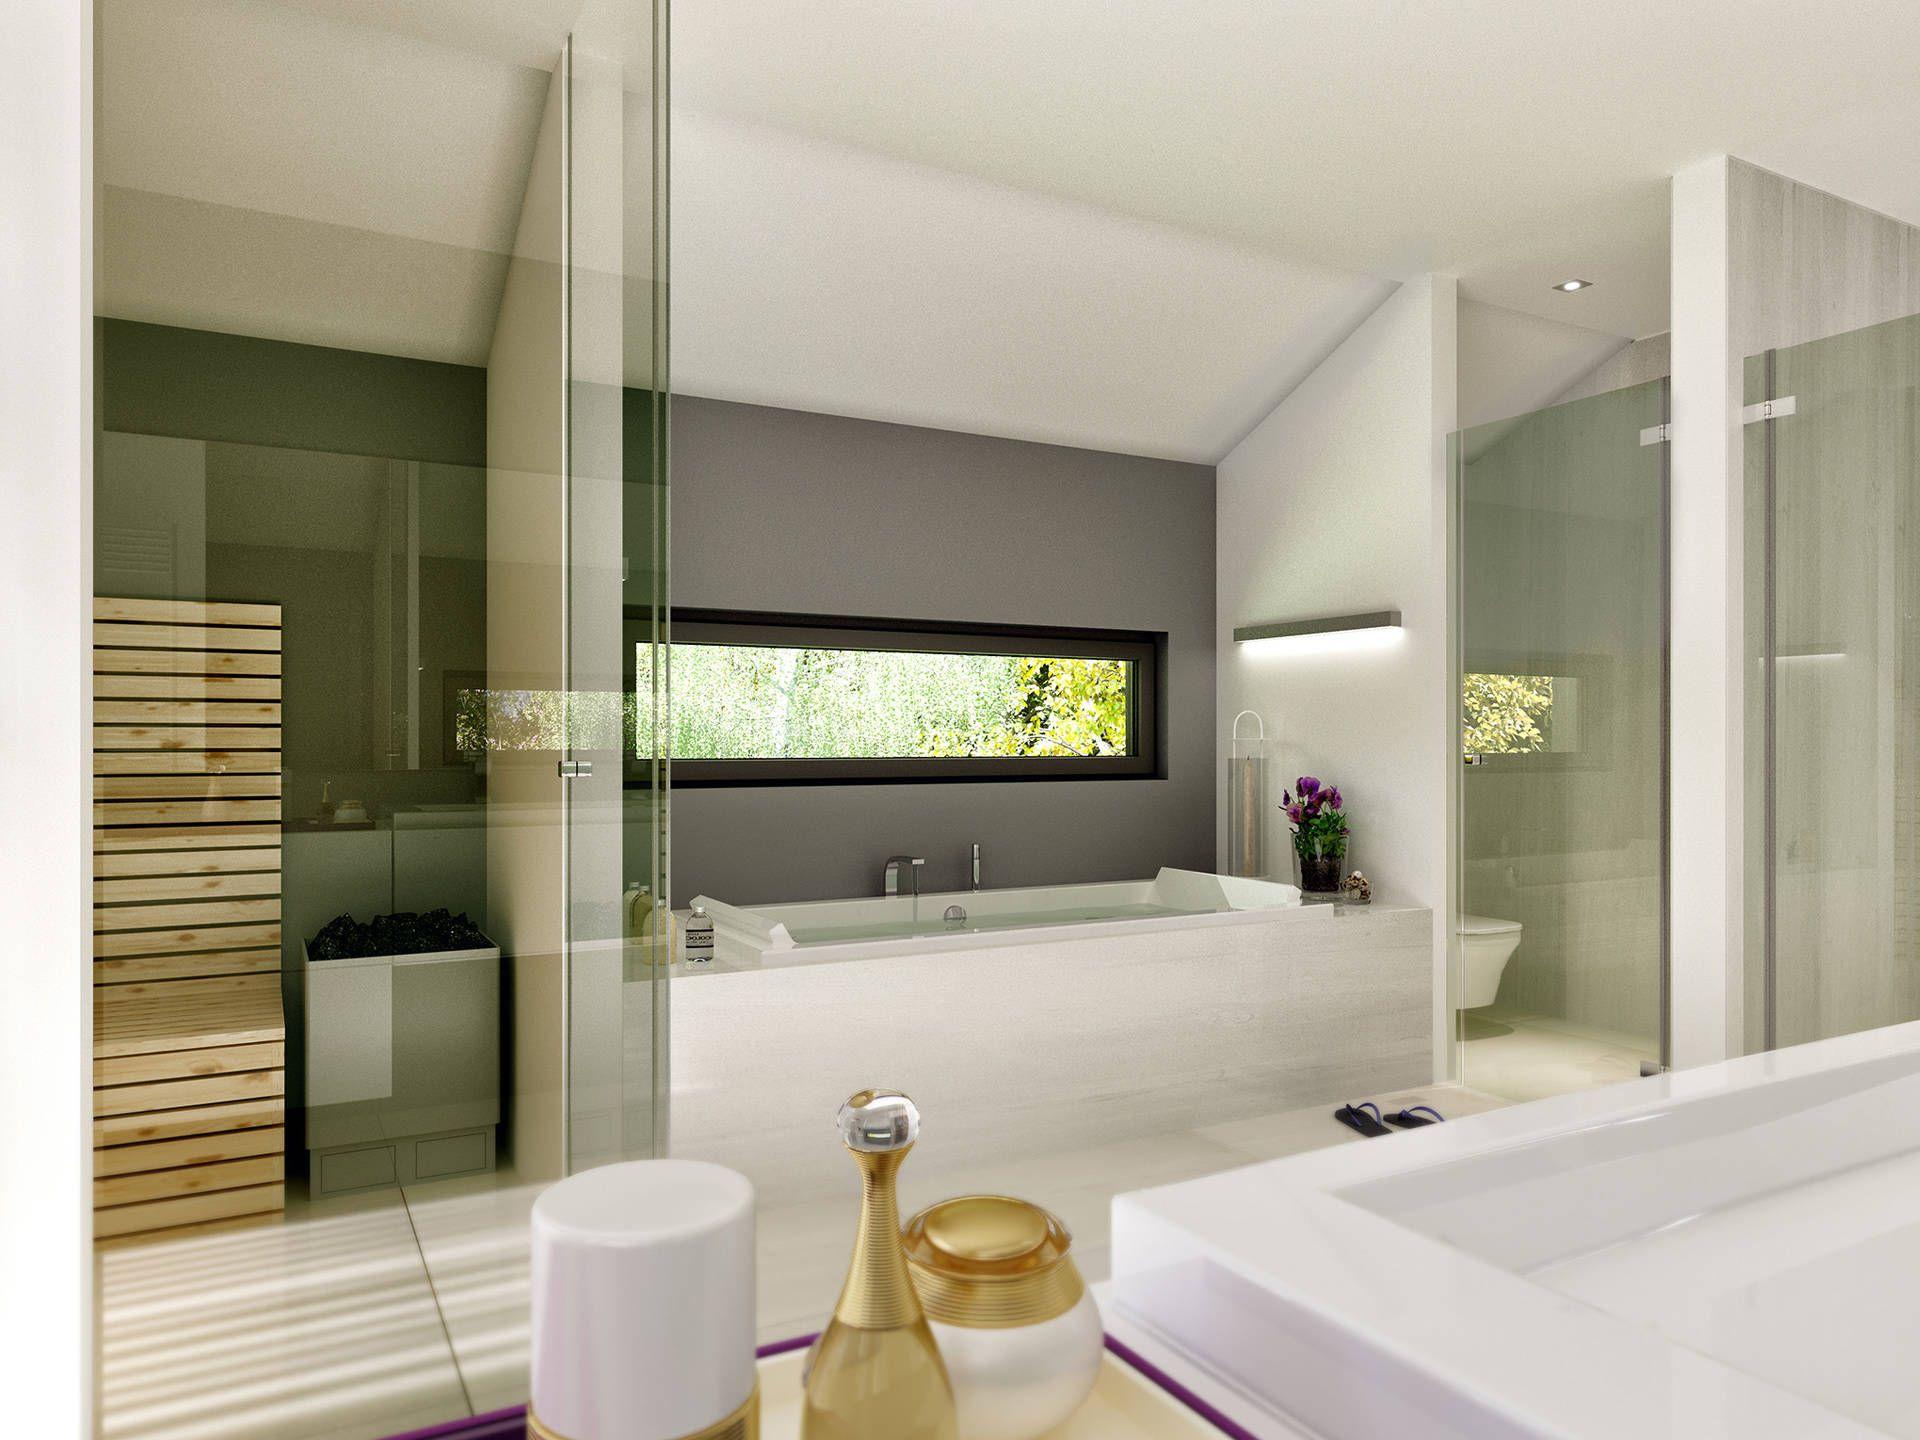 Badezimmer mit sauna domy pinterest bien zenker - Badezimmer mit sauna ...